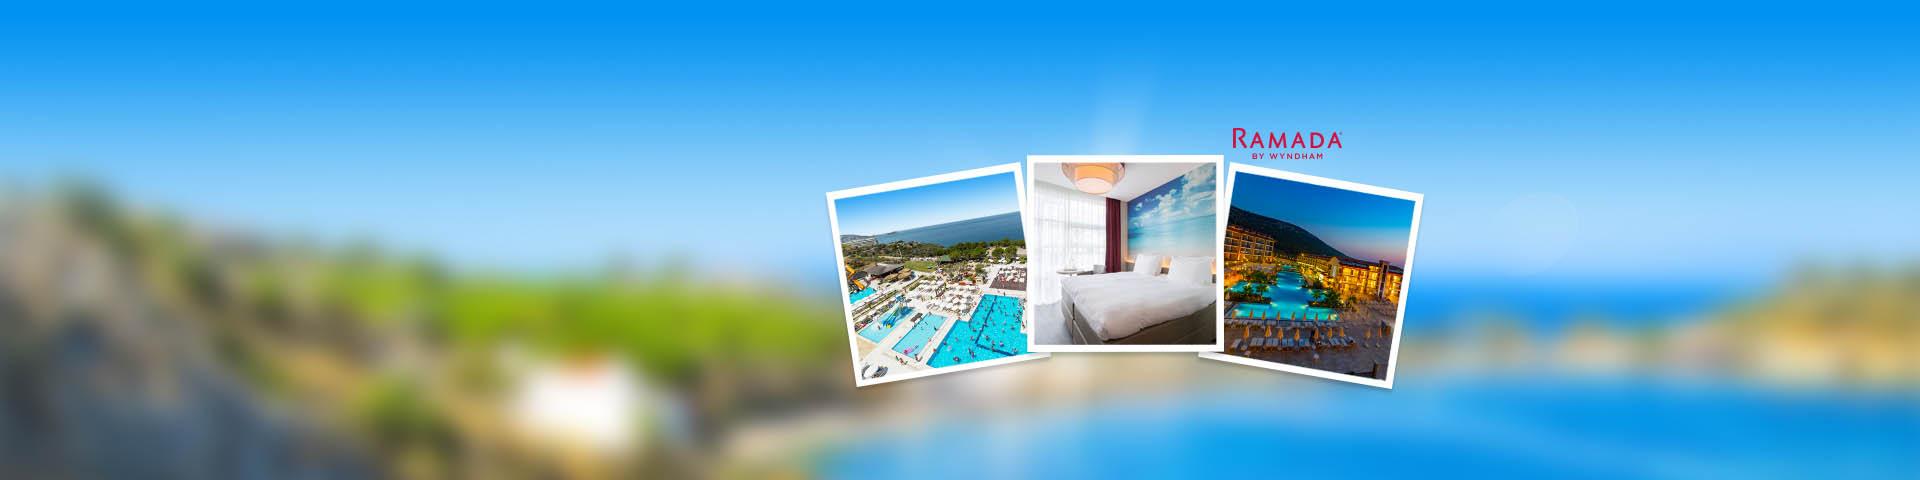 Foto's van faciliteiten van Ramada Hotels